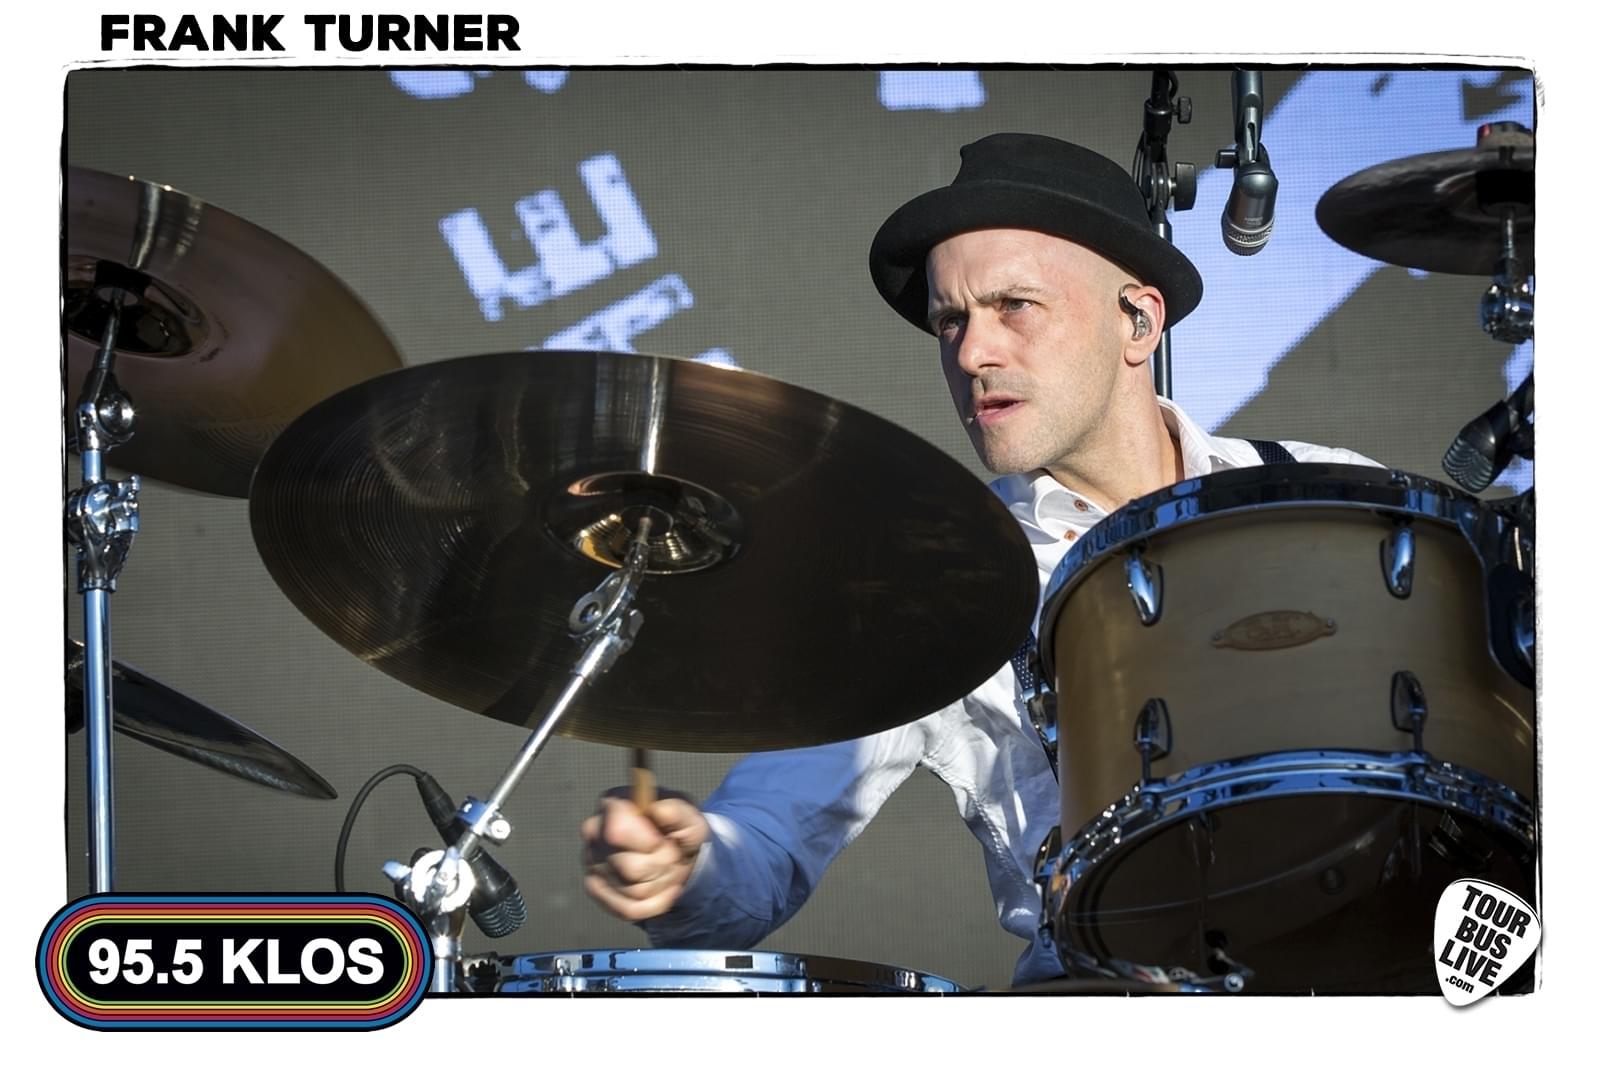 Frank-Turner_091